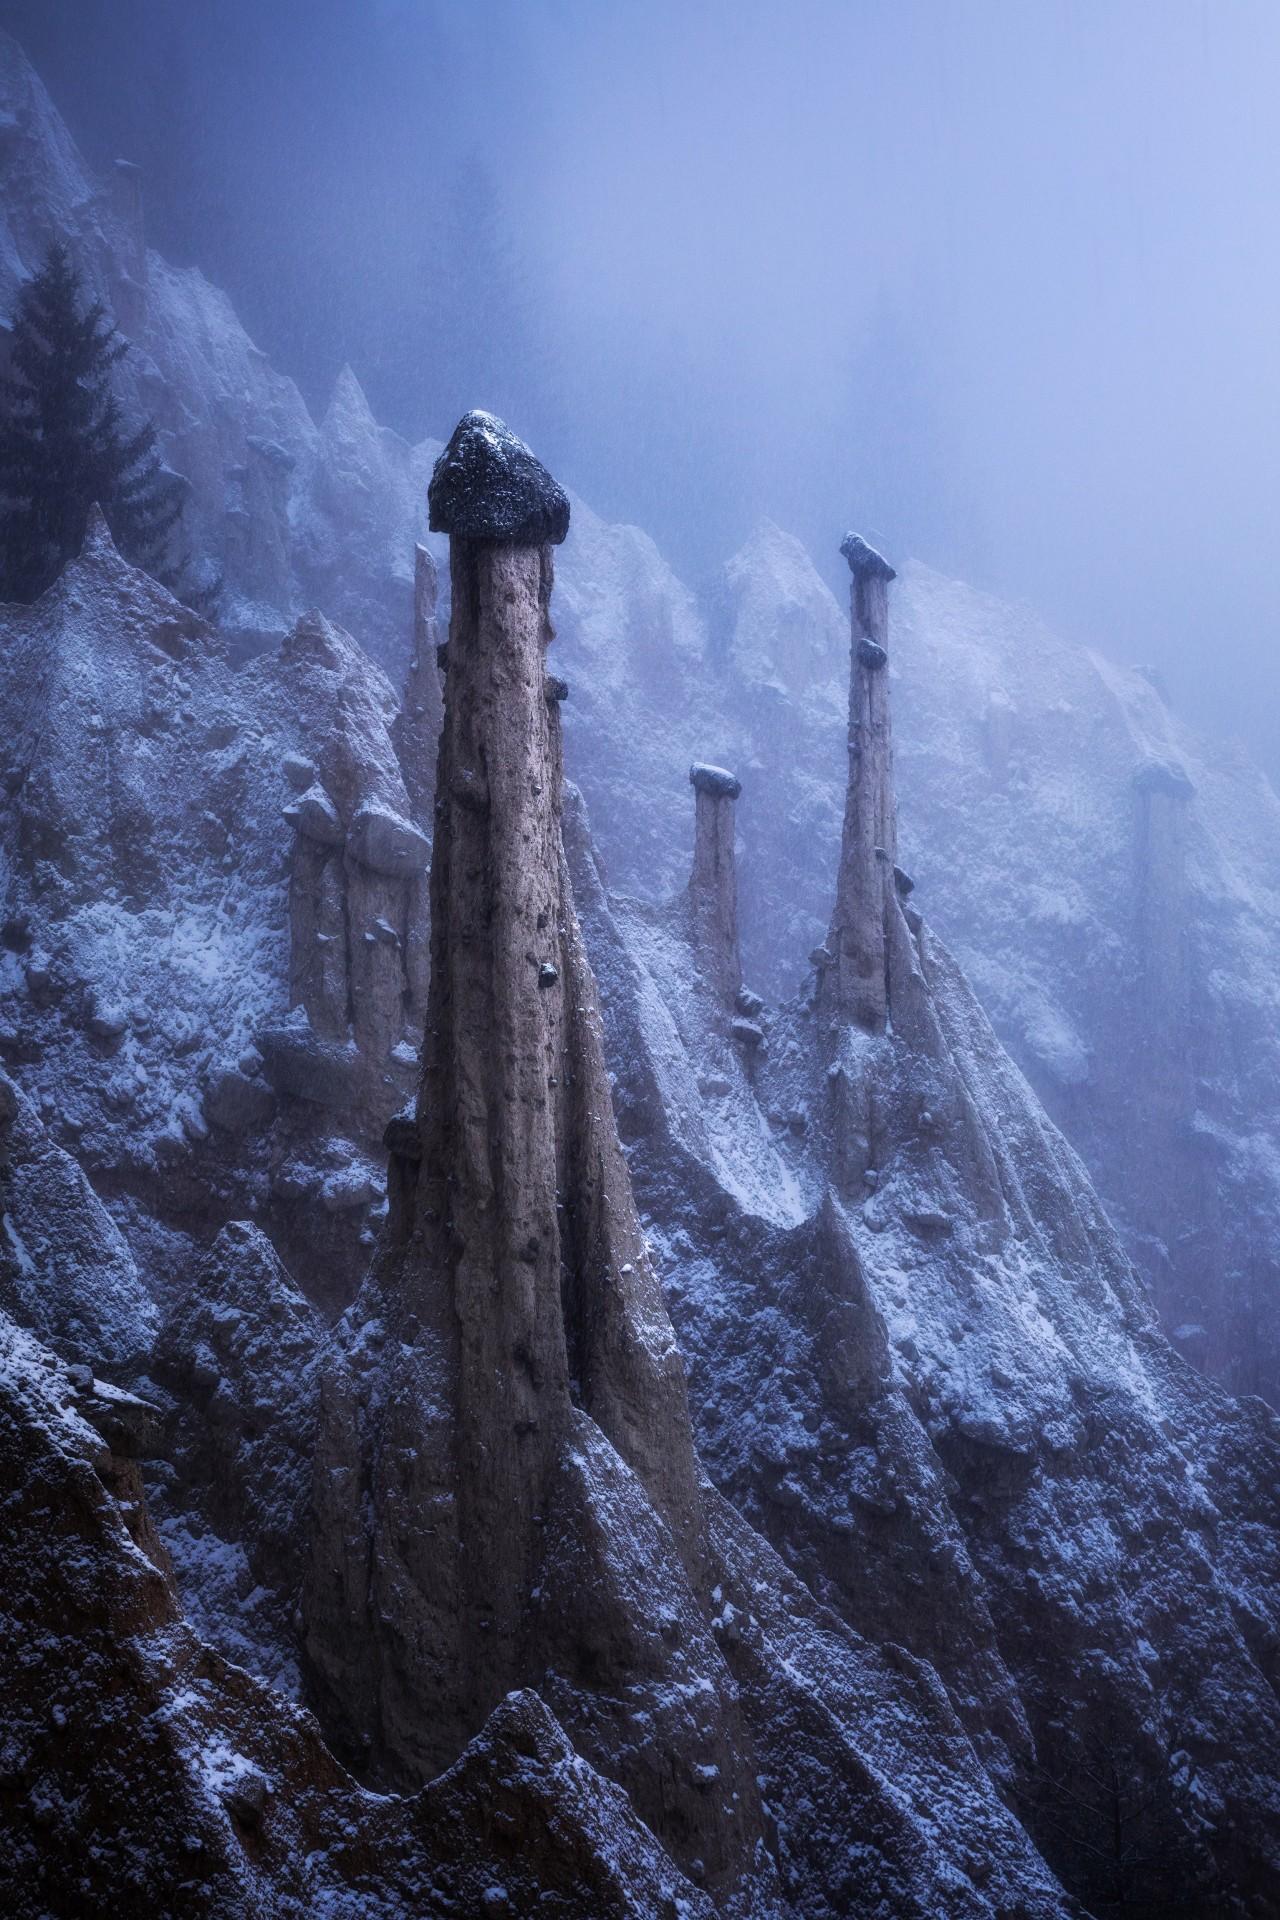 1 место в номинации «Пейзажный фотограф года» 2020. Инопланетный пейзаж, Доломиты, Италия. Автор Кельвин Юэнь